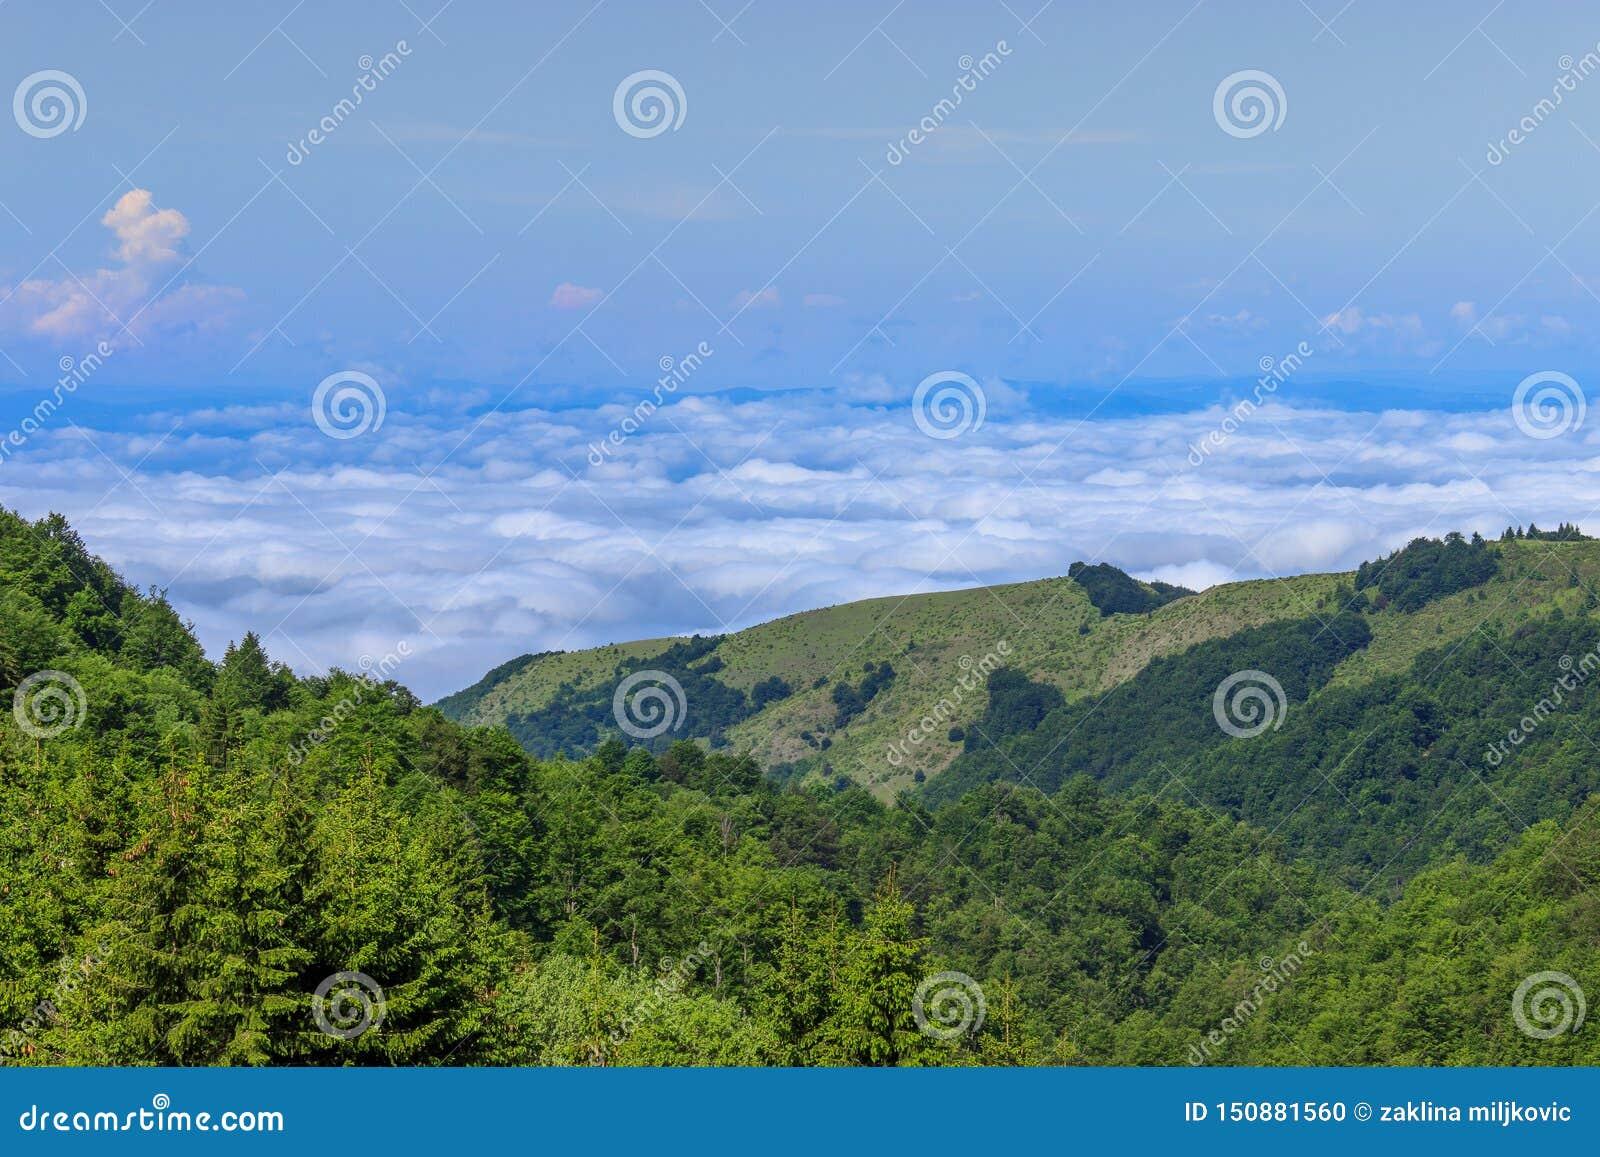 Vista pitoresca dos montes verdes, do céu azul e das nuvens grossas